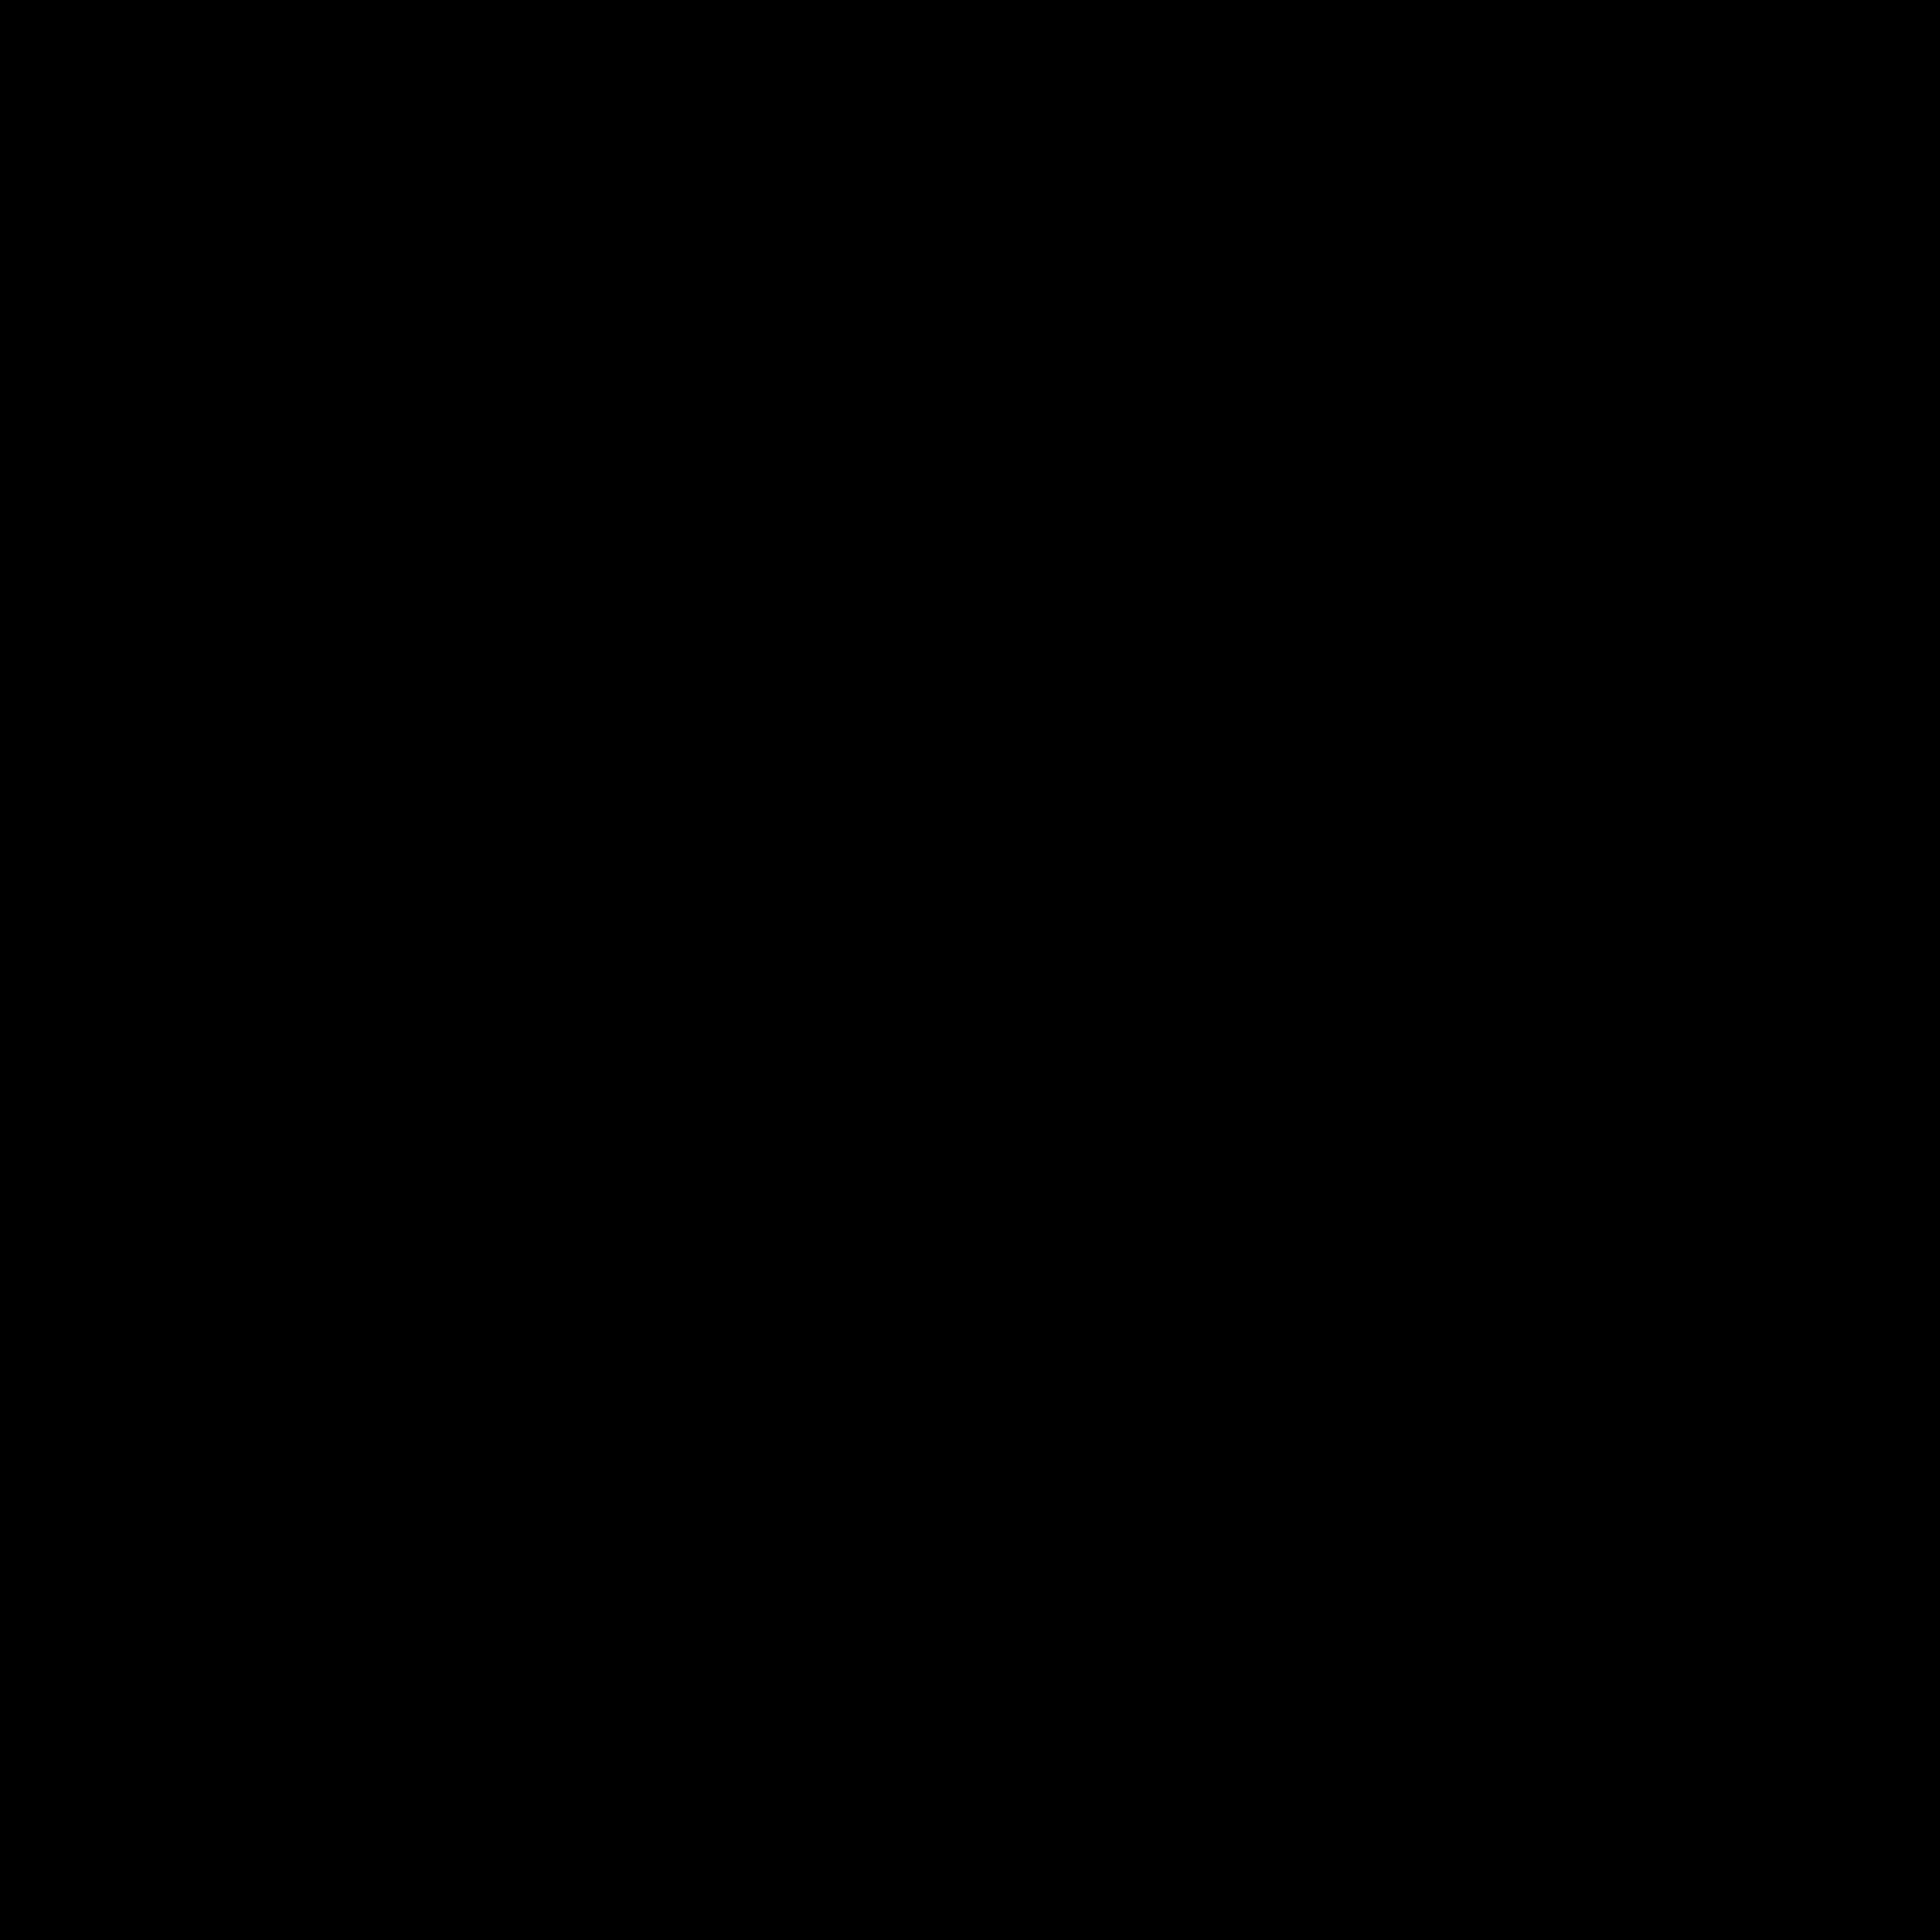 Luftstreitkr fte wikipedia crosspatteeheraldrysvg. Germany clipart weimer